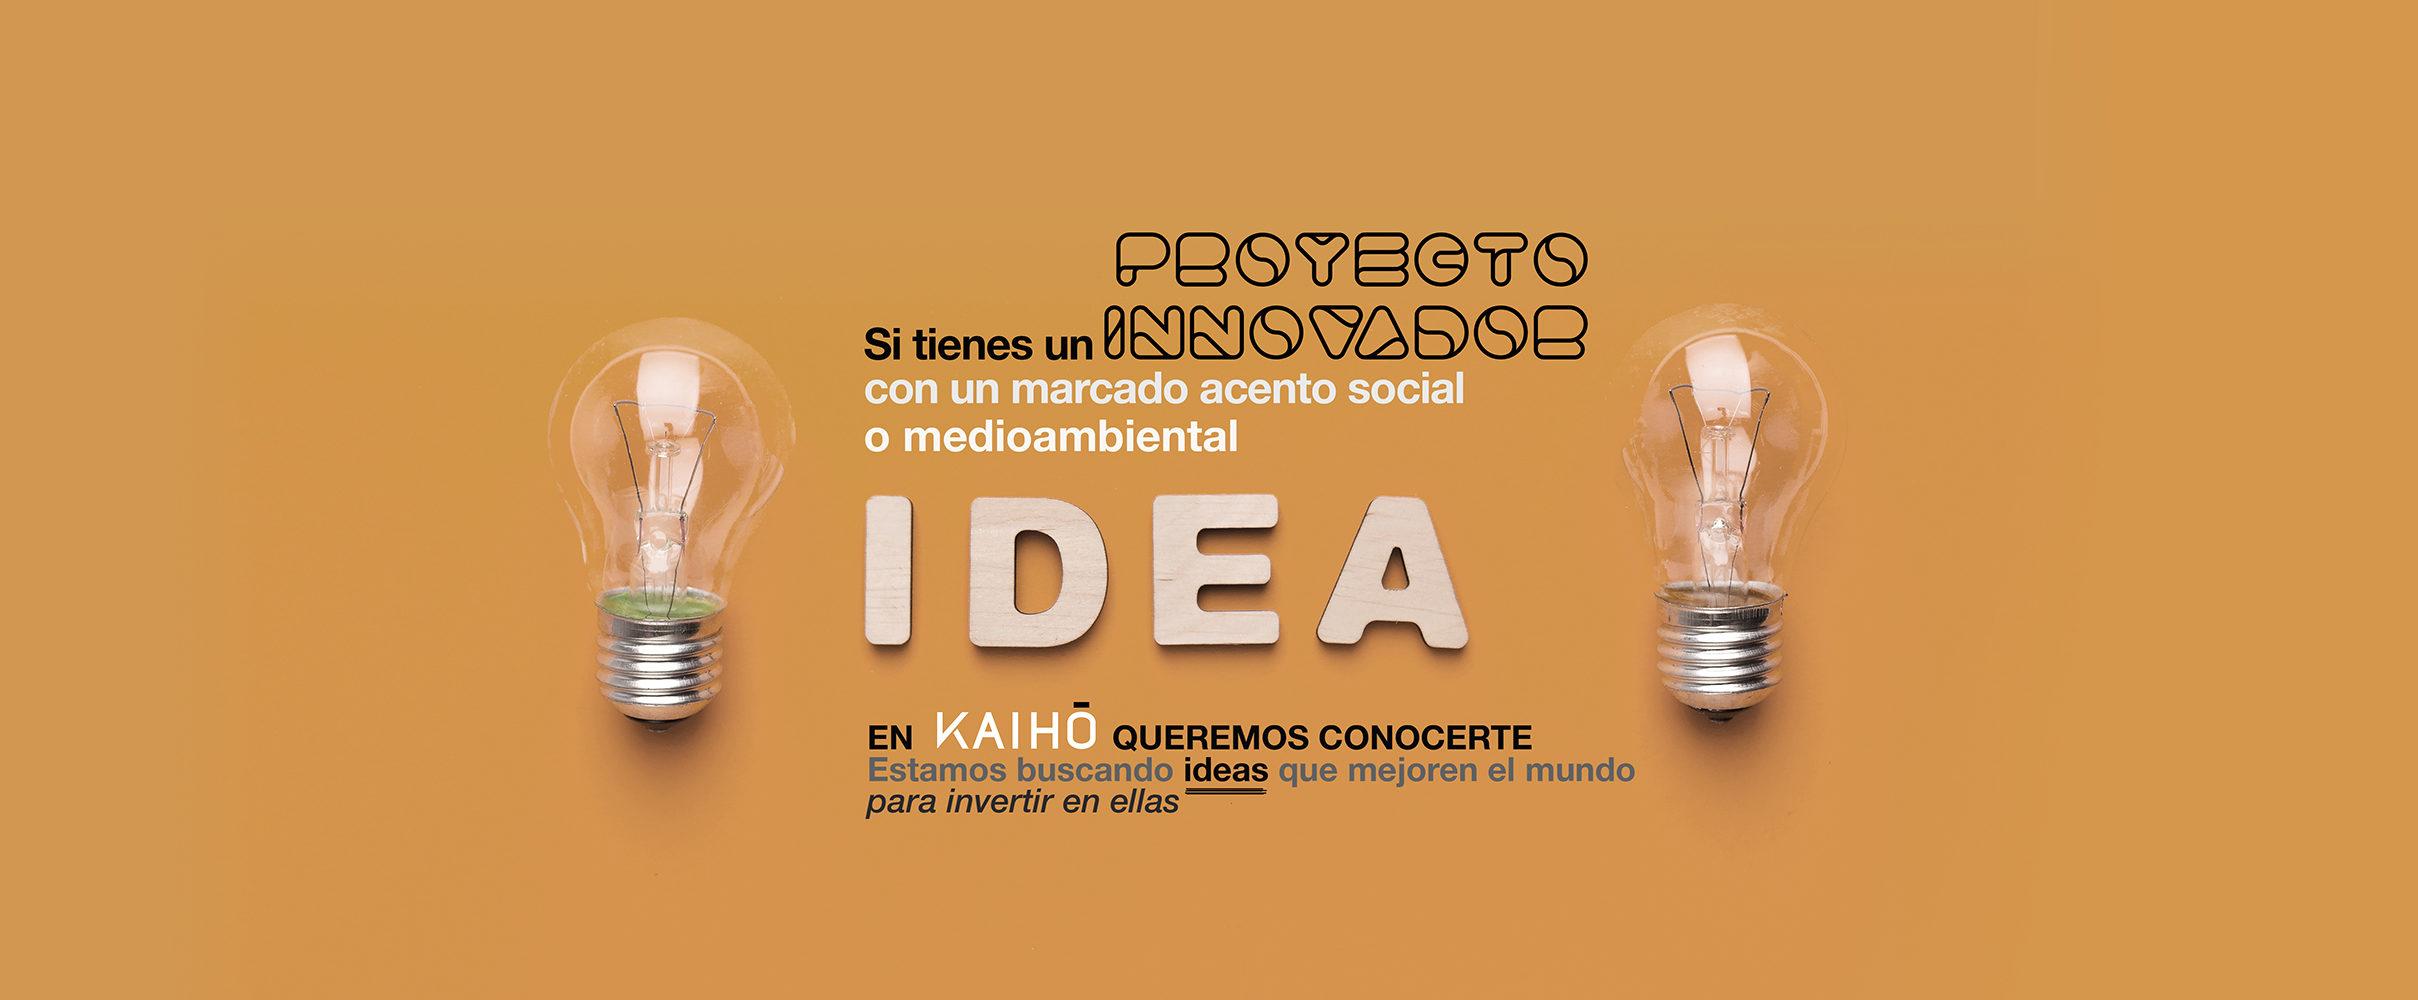 Si tienes un proyecto innovador con un marcado acento social o medioambiental, en Kaiho queremos conocerte. Buscamos ideas que mejoren el mundo para invertir en ellas.